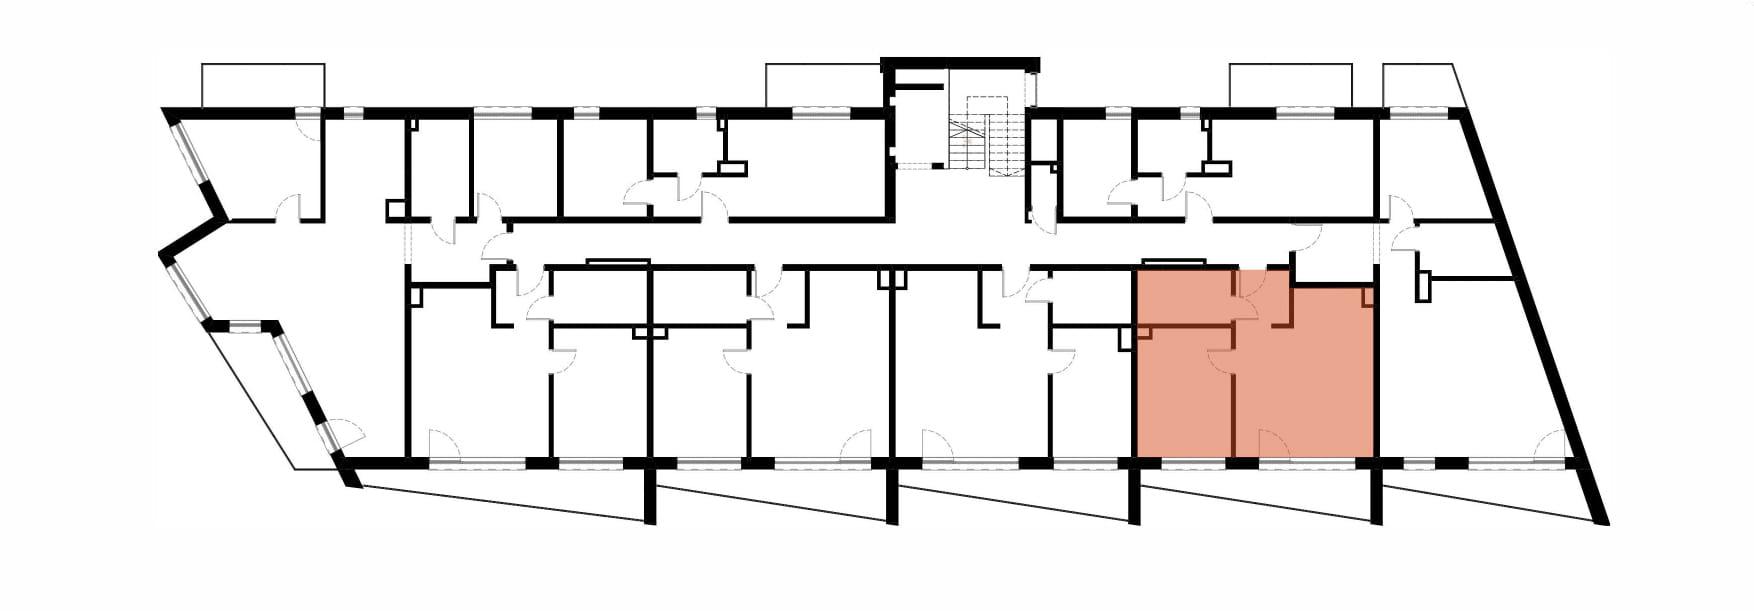 Apartamenty Kamienna / apartamenty inwestycyjne M10 rzut 2